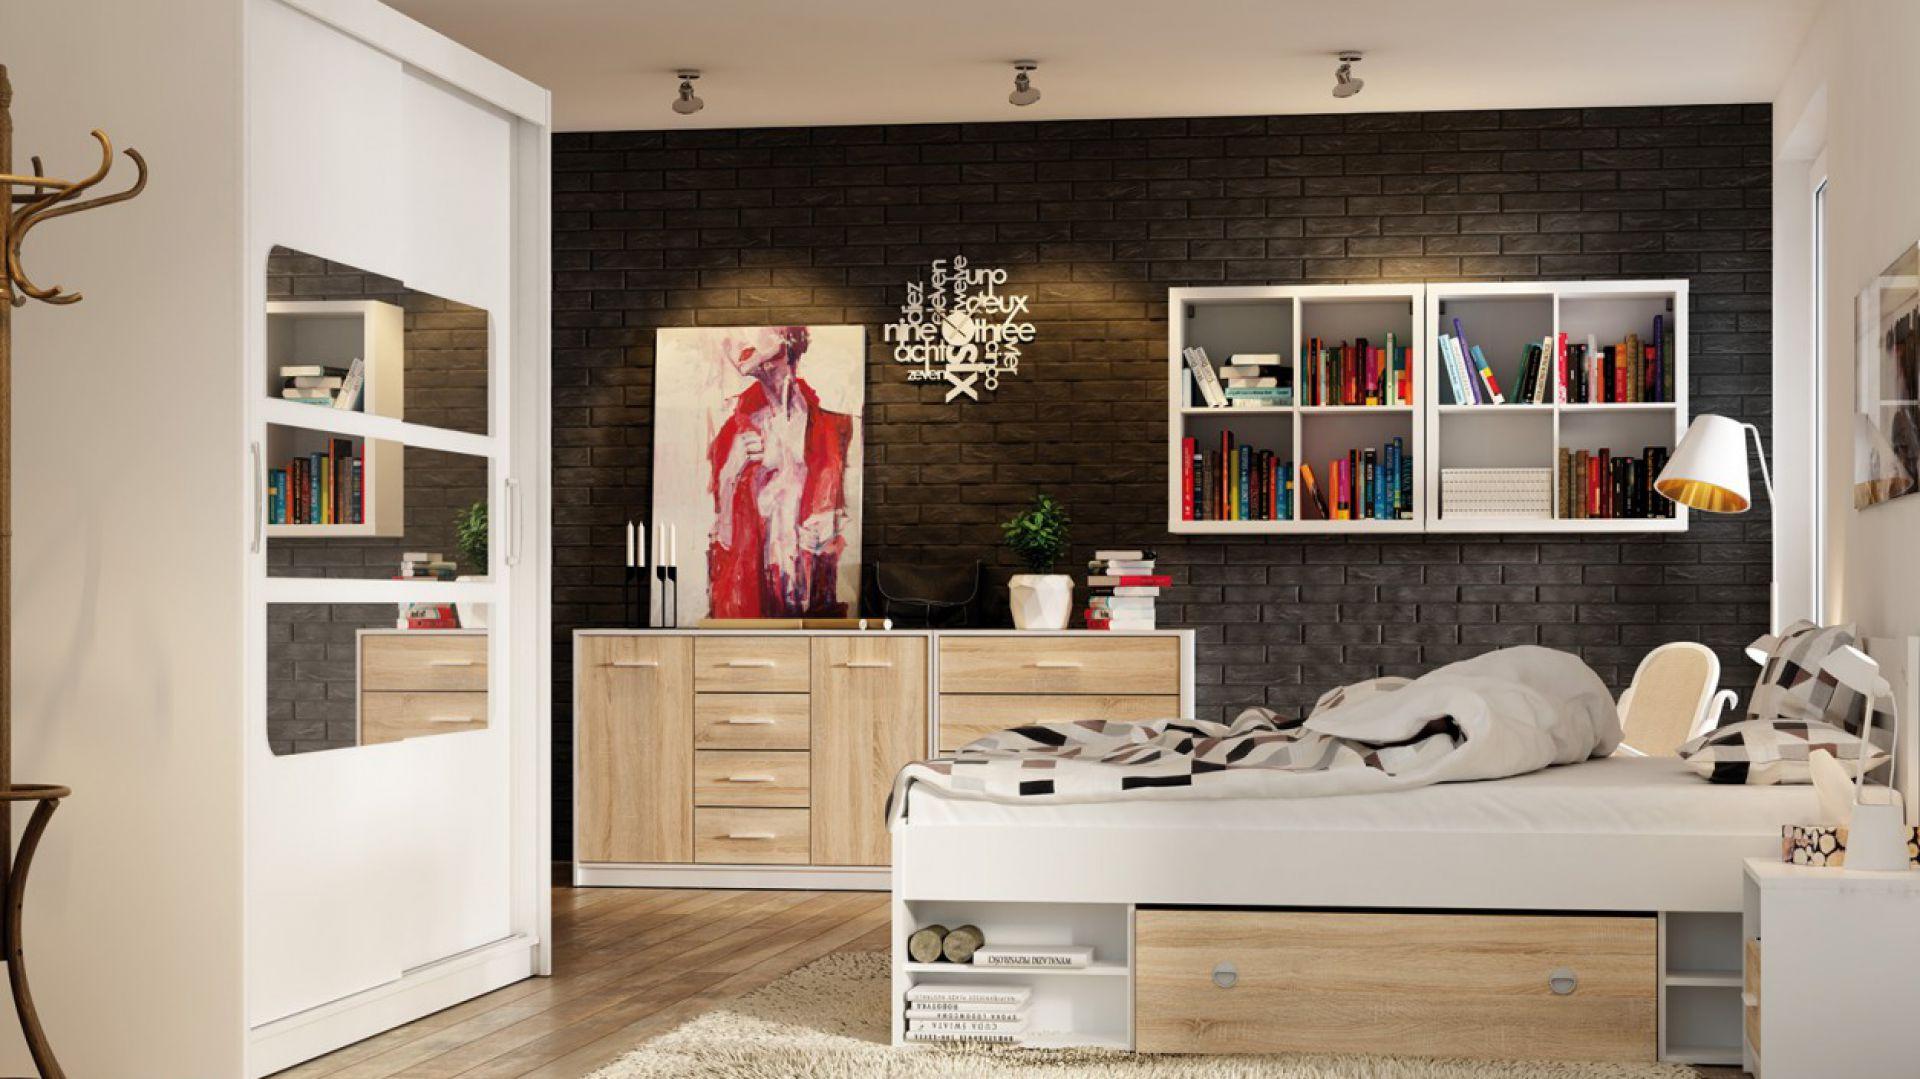 Niewielkie gabaryty mebli NEPO pozwalają maksymalnie wykorzystać nawet małą przestrzeń. Pod łóżkiem praktyczne szuflady. 429 zł (łóżko). Fot. Black Red White